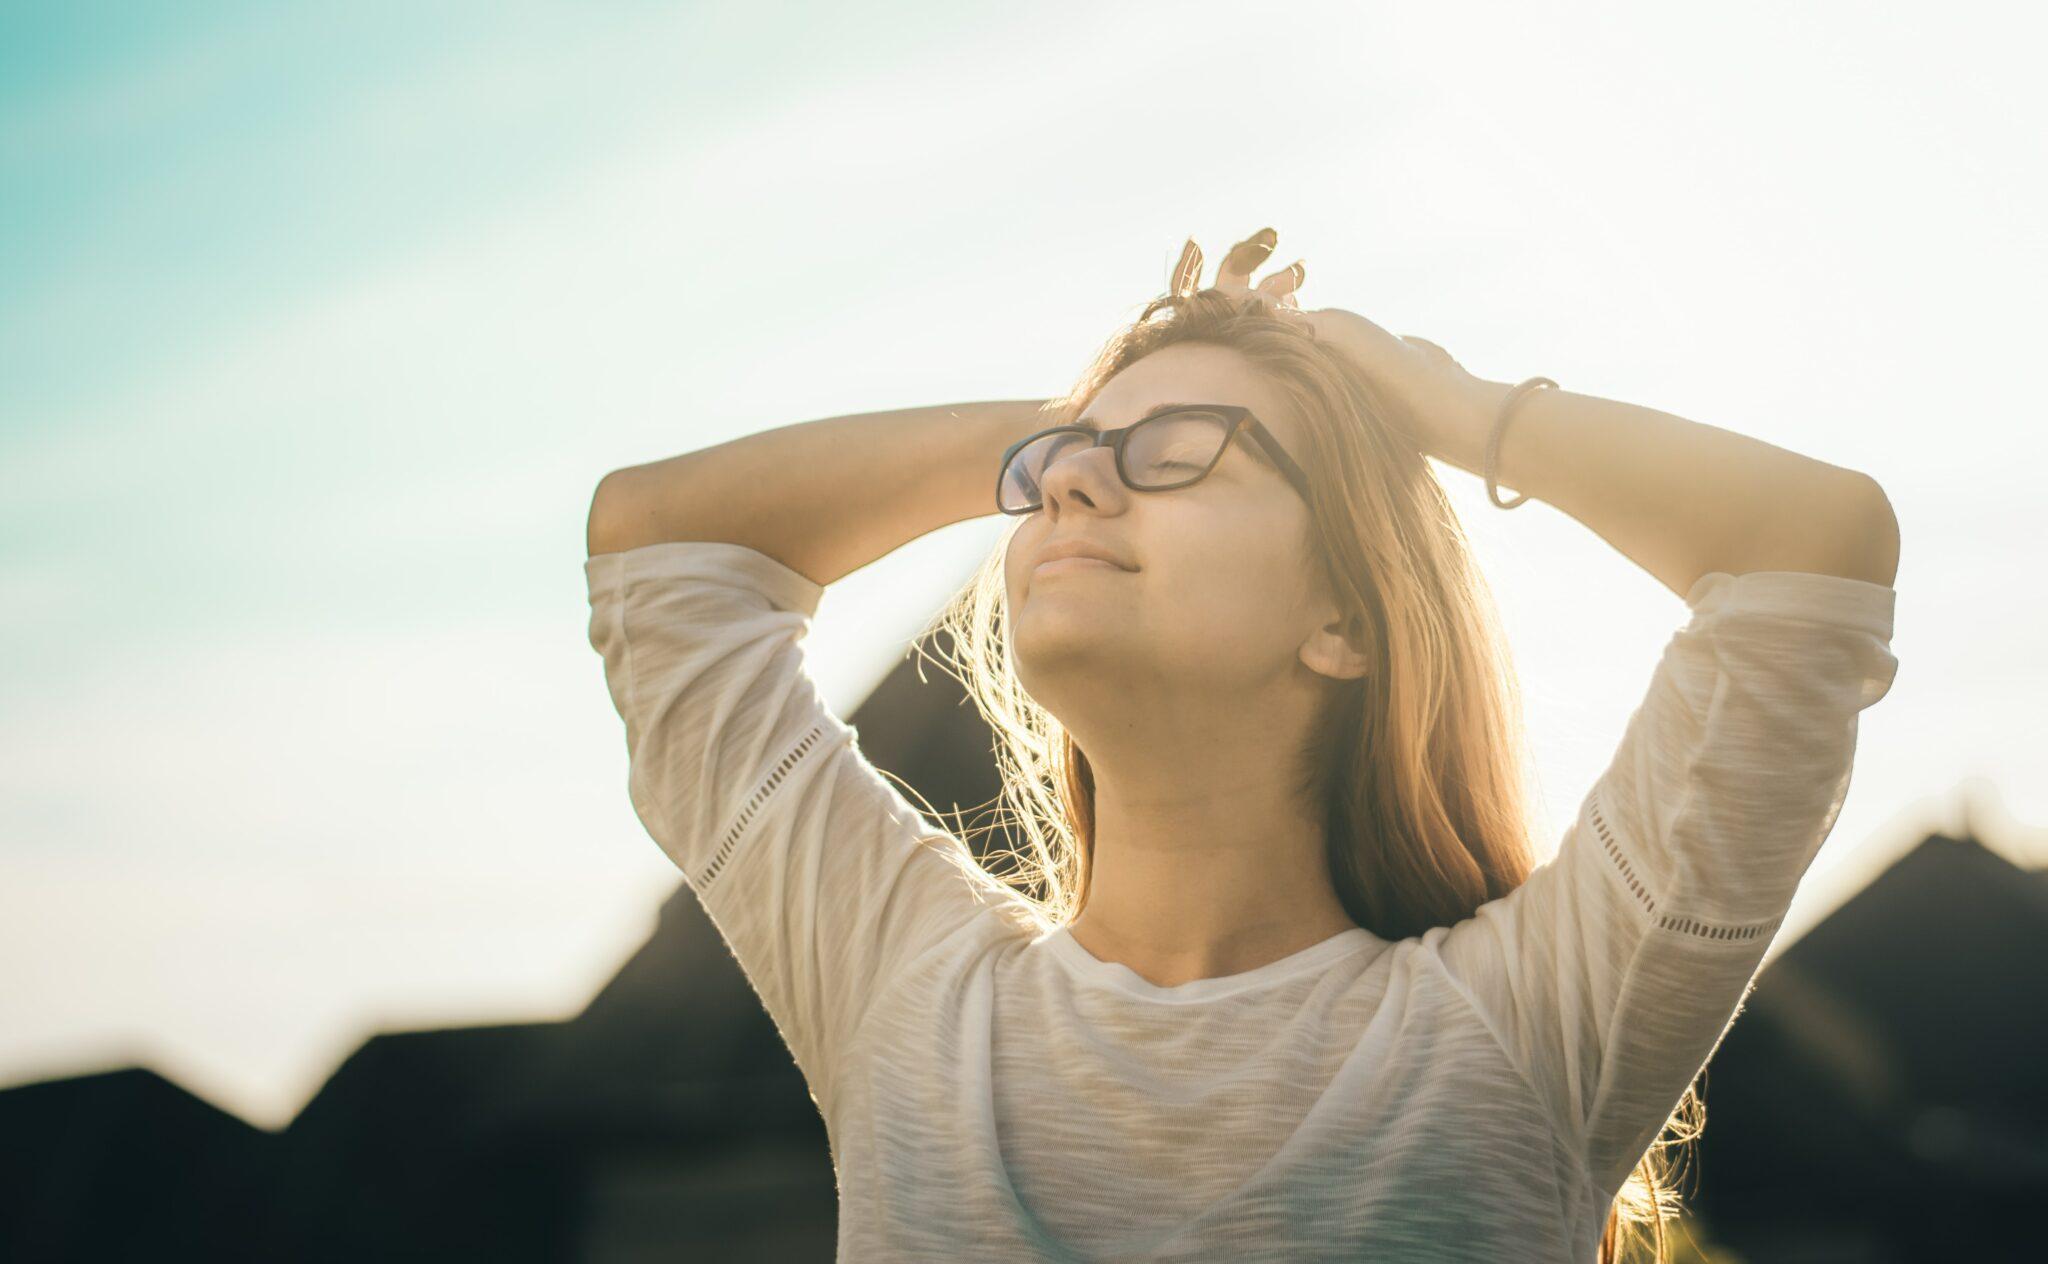 La méditation contre le stress : une pratique naturelle aux vertus thérapeutiques